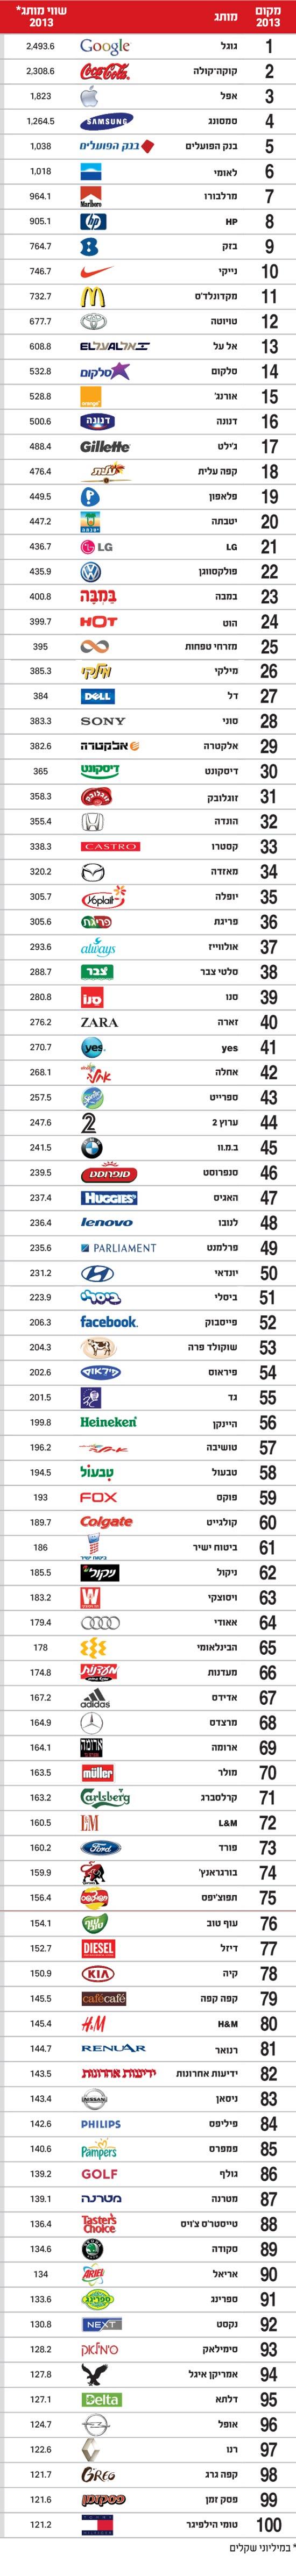 מדד המותגים 2014 - אינפו